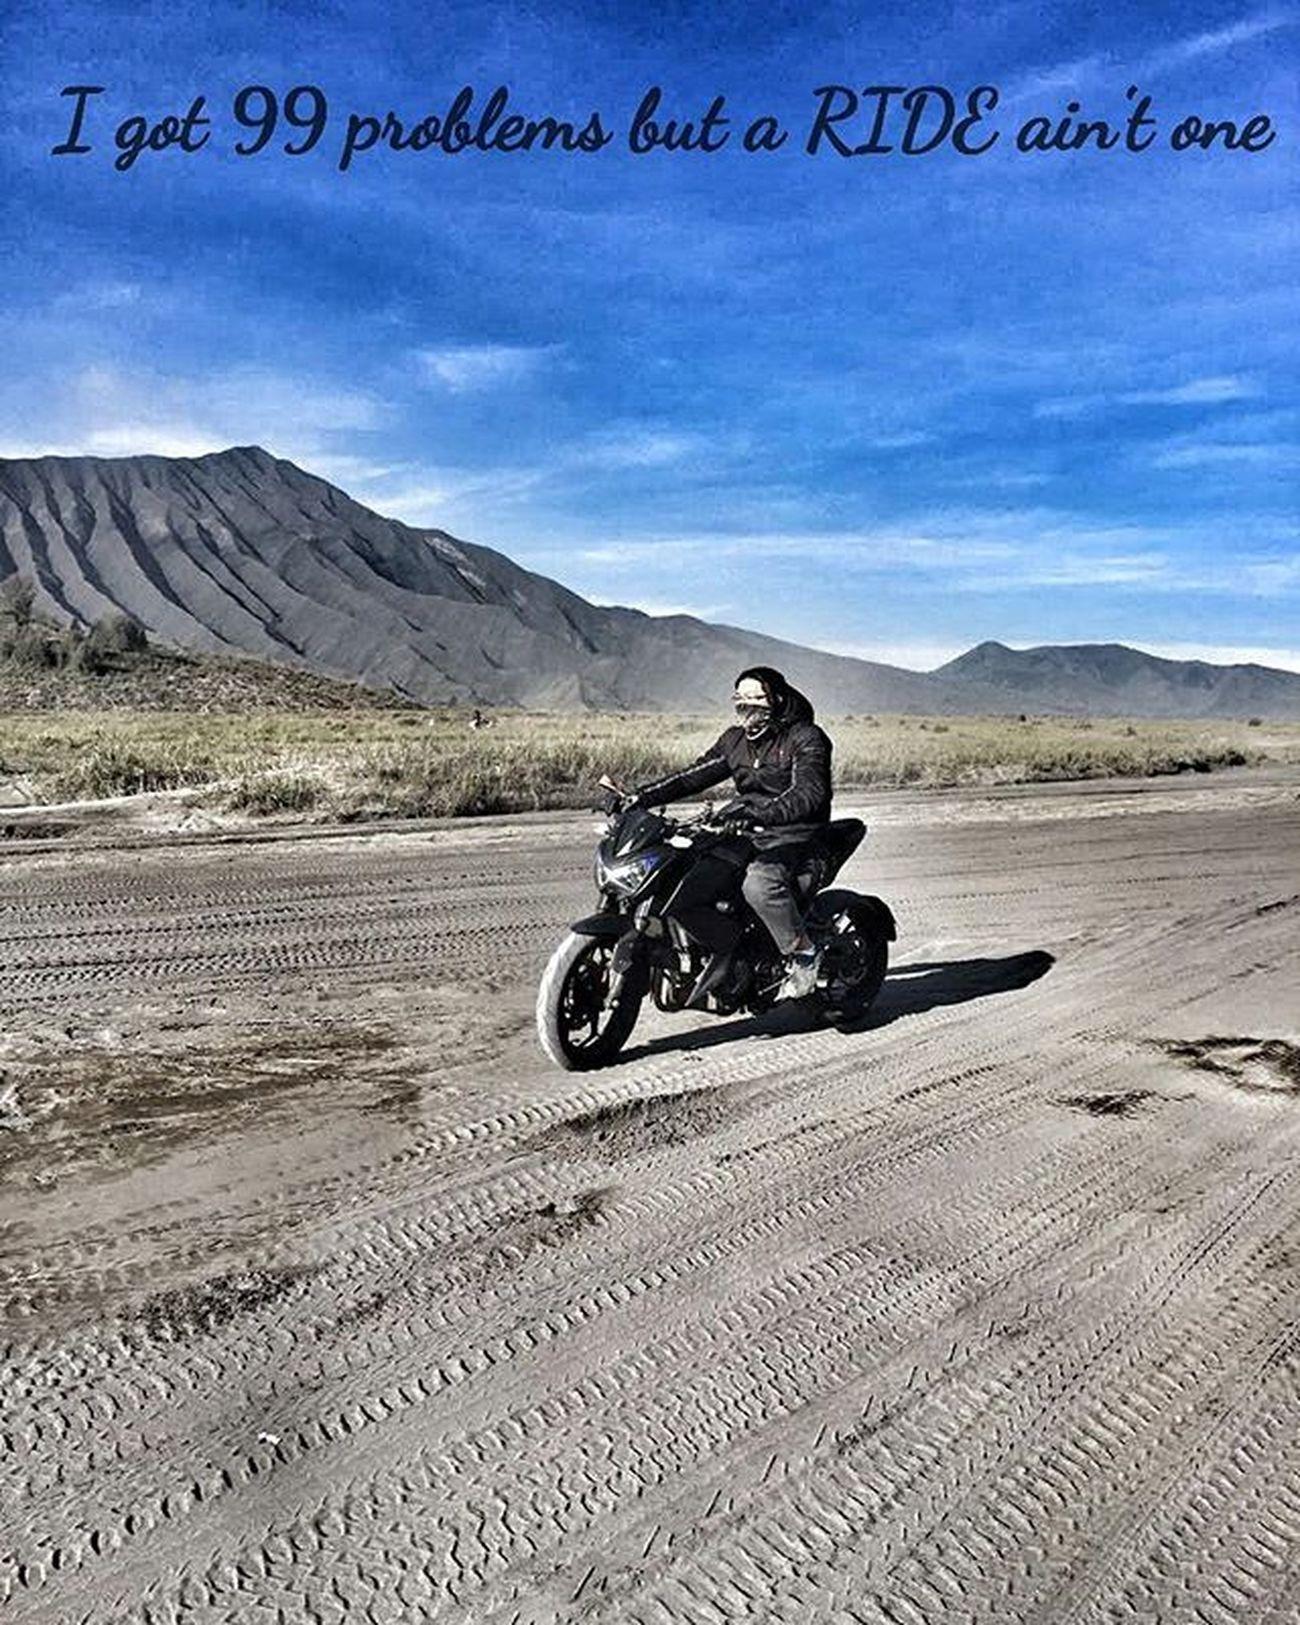 Mountain Bromo Seaofsand Motorcycle Kawi Kawination Kawasakiz250 Kawasaki Z250 Nakedbikenation NakedBike Eatsleepshift🔃 Komine Val  2016 😚 RideOrDie